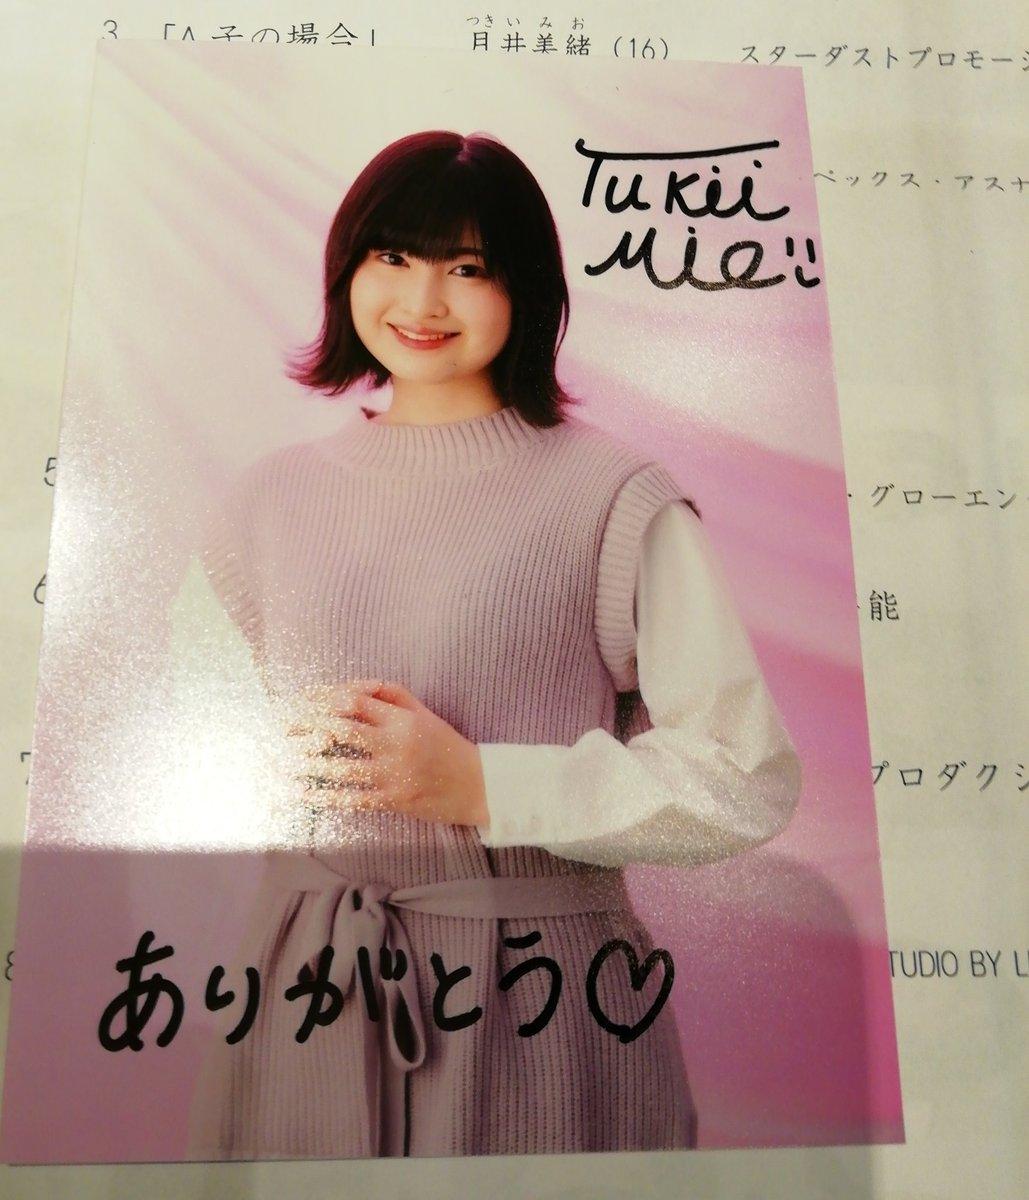 test ツイッターメディア - 月井美緒さんの演じるA子の場合も良かったですね 最初みた時に宝生舞さんが頭に浮かびました https://t.co/wUedfanujW